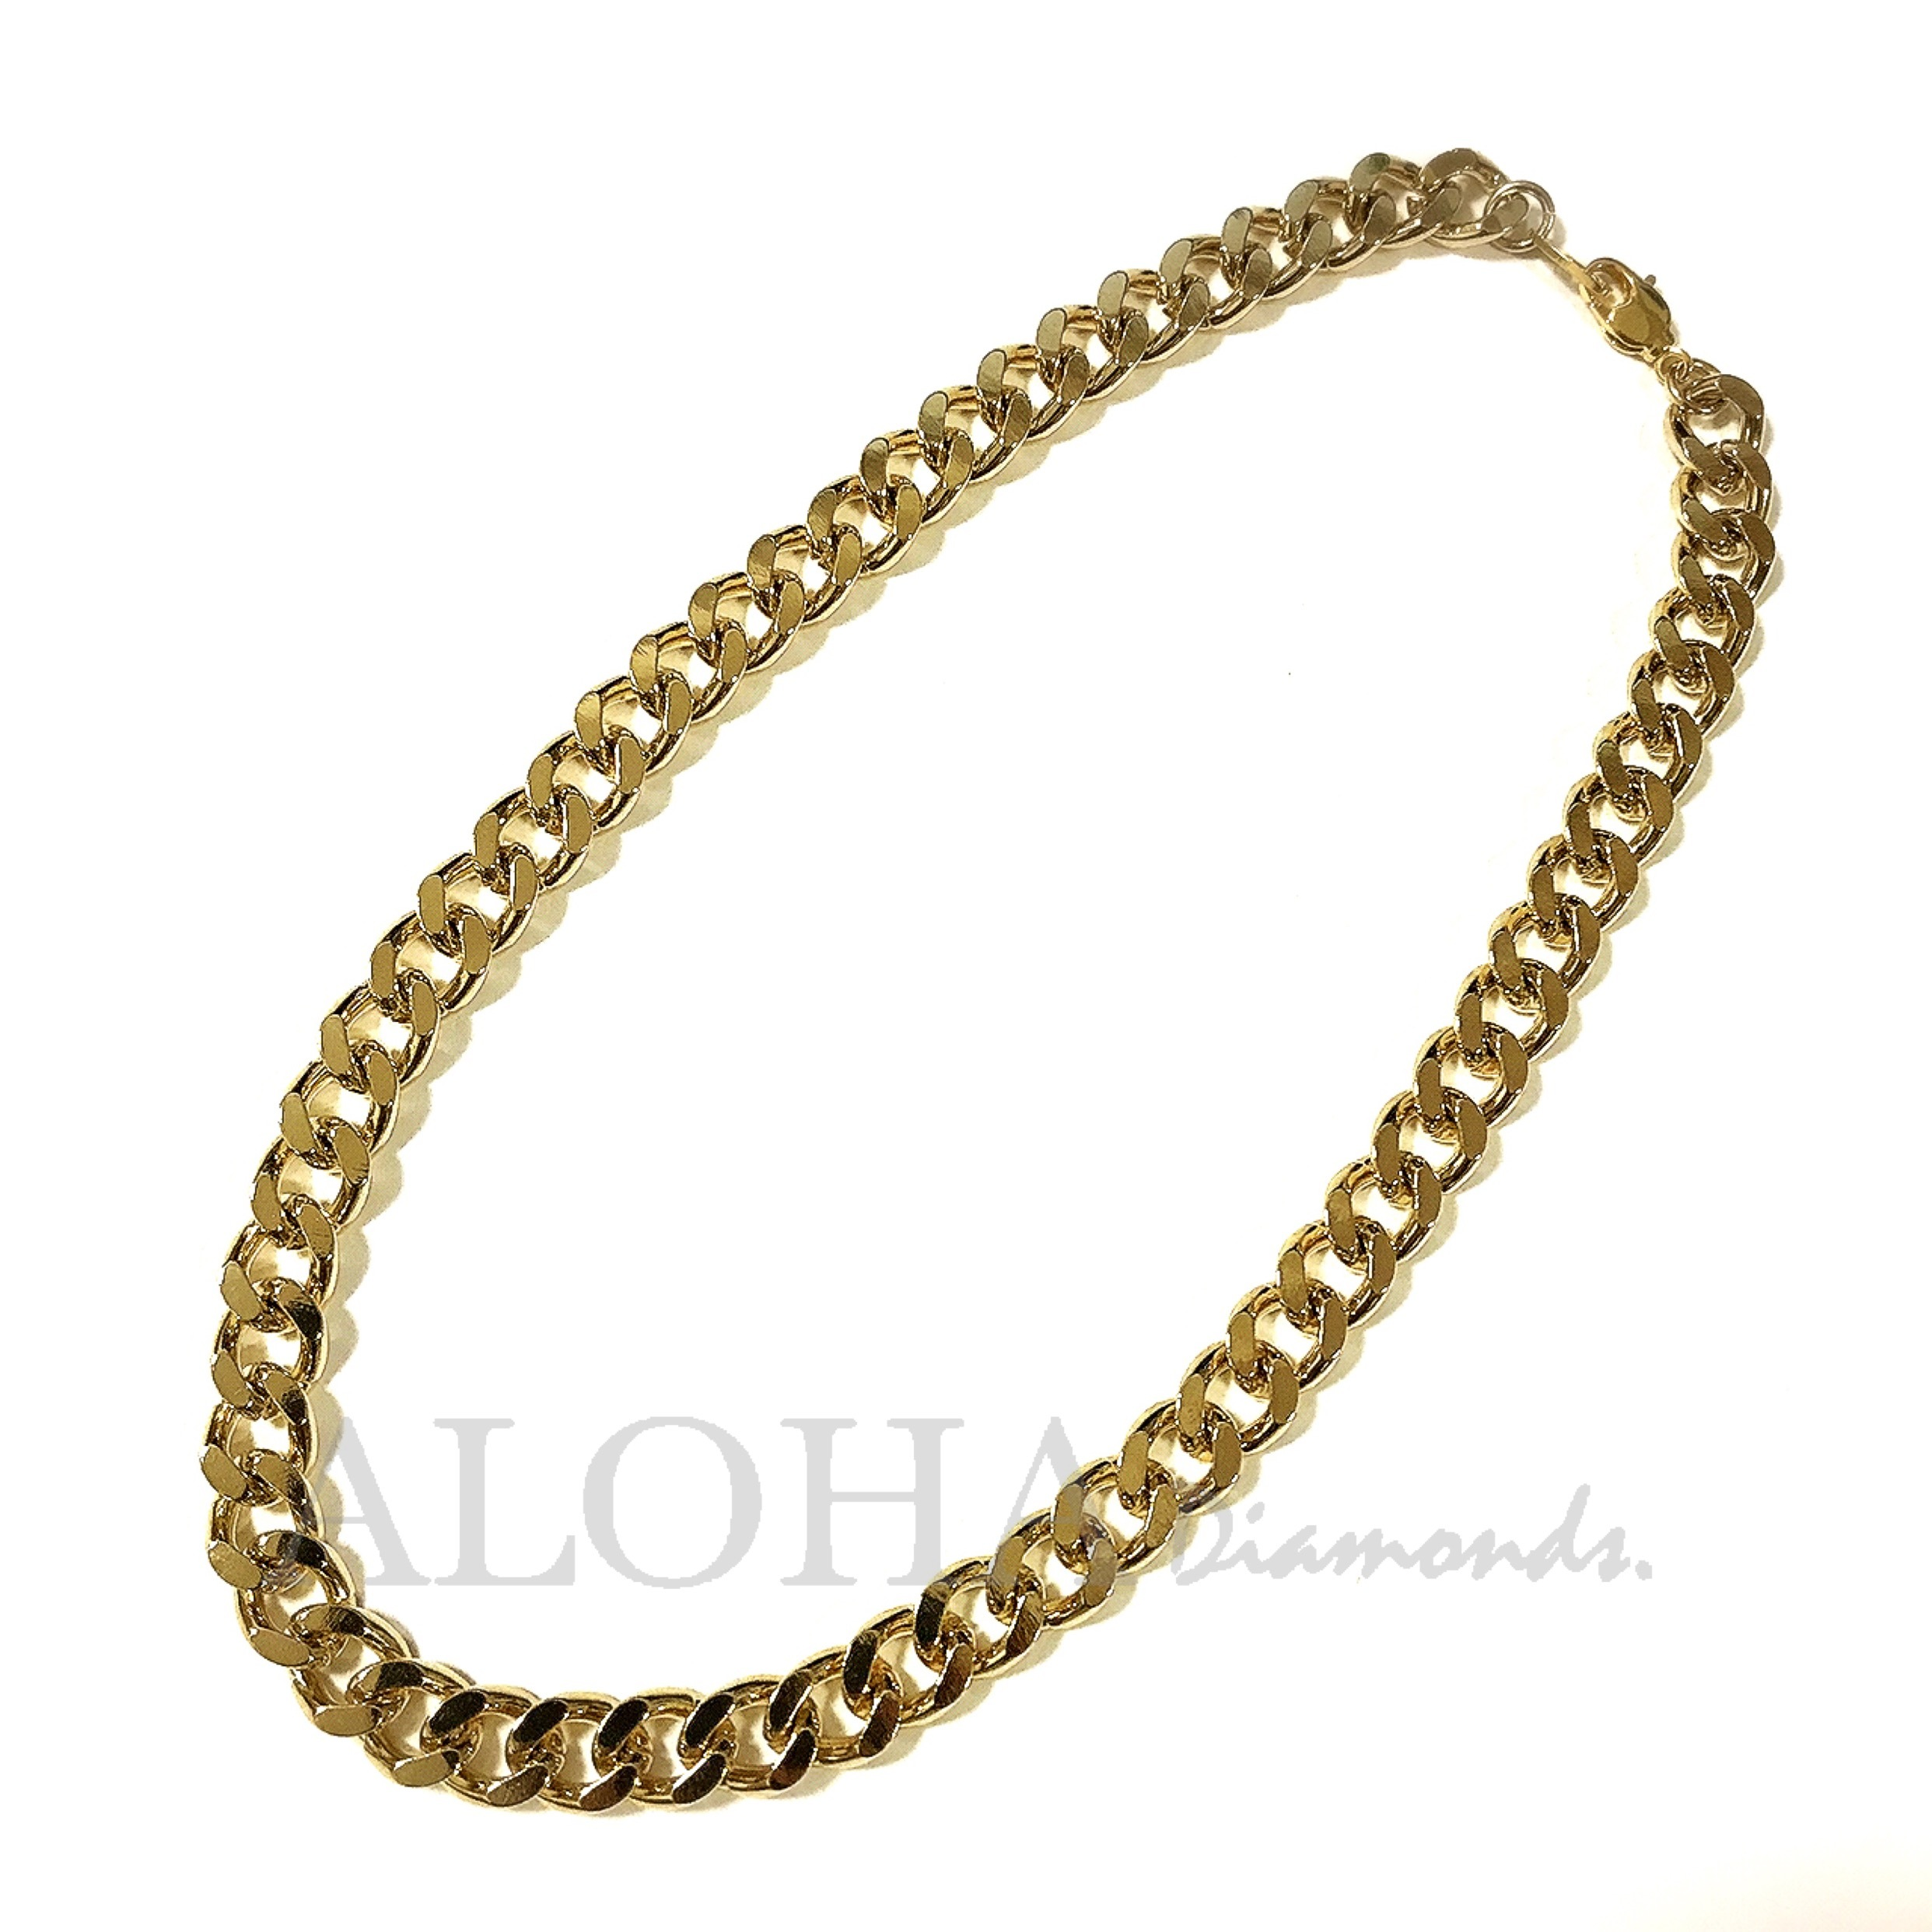 ✴︎✴︎✴︎The chain - No.1✴︎✴︎✴︎ ゴールド/ネックレス 41cm(ネックレス単品)